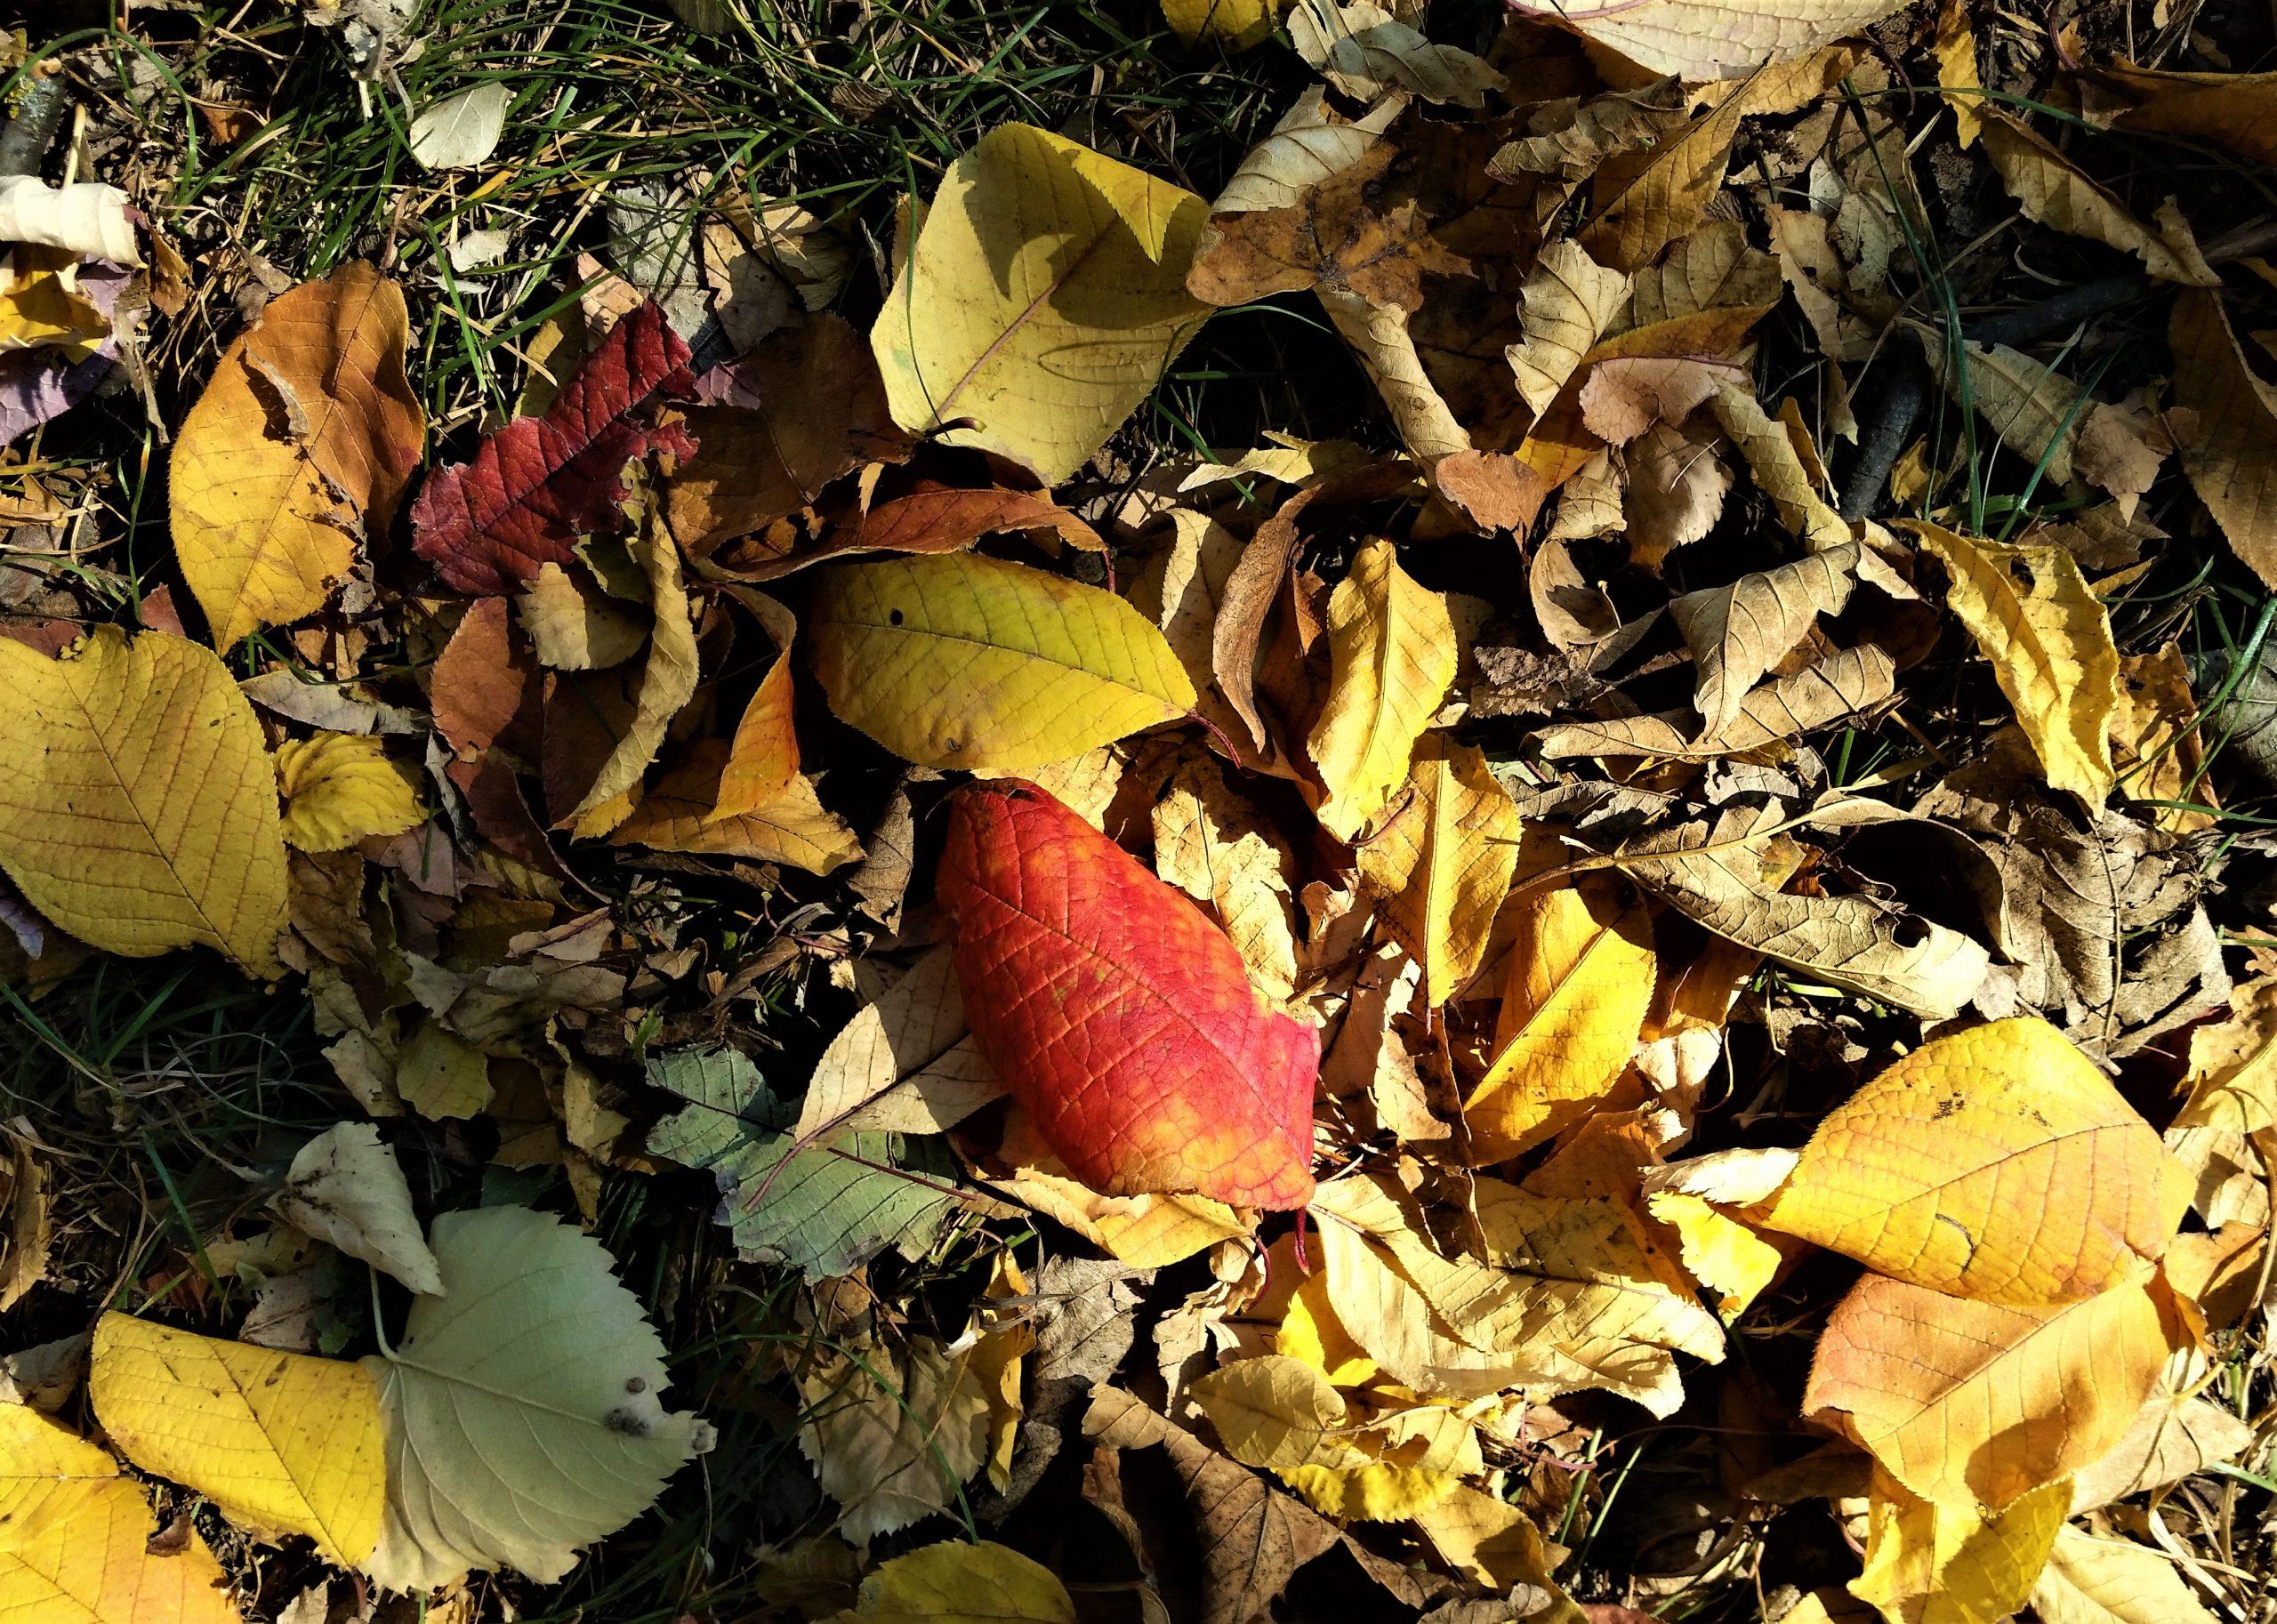 Der Herbst – Abschied und Neuanfang